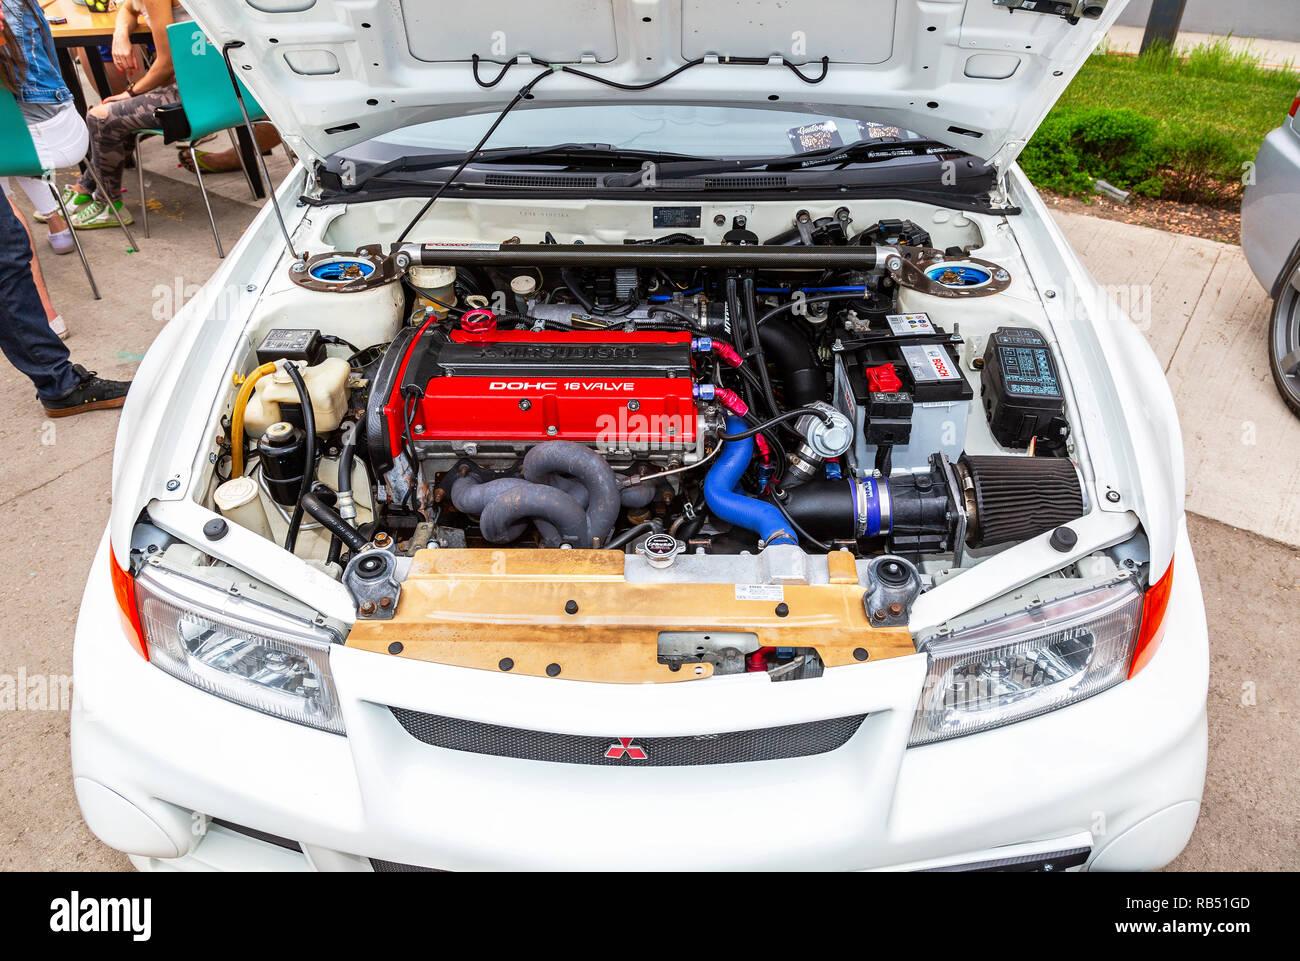 Samara, Russland - 19. Mai 2018: Getunten turbo Auto Motor von Mitsubishi Fahrzeug, unter der Haube des Fahrzeugs Stockbild